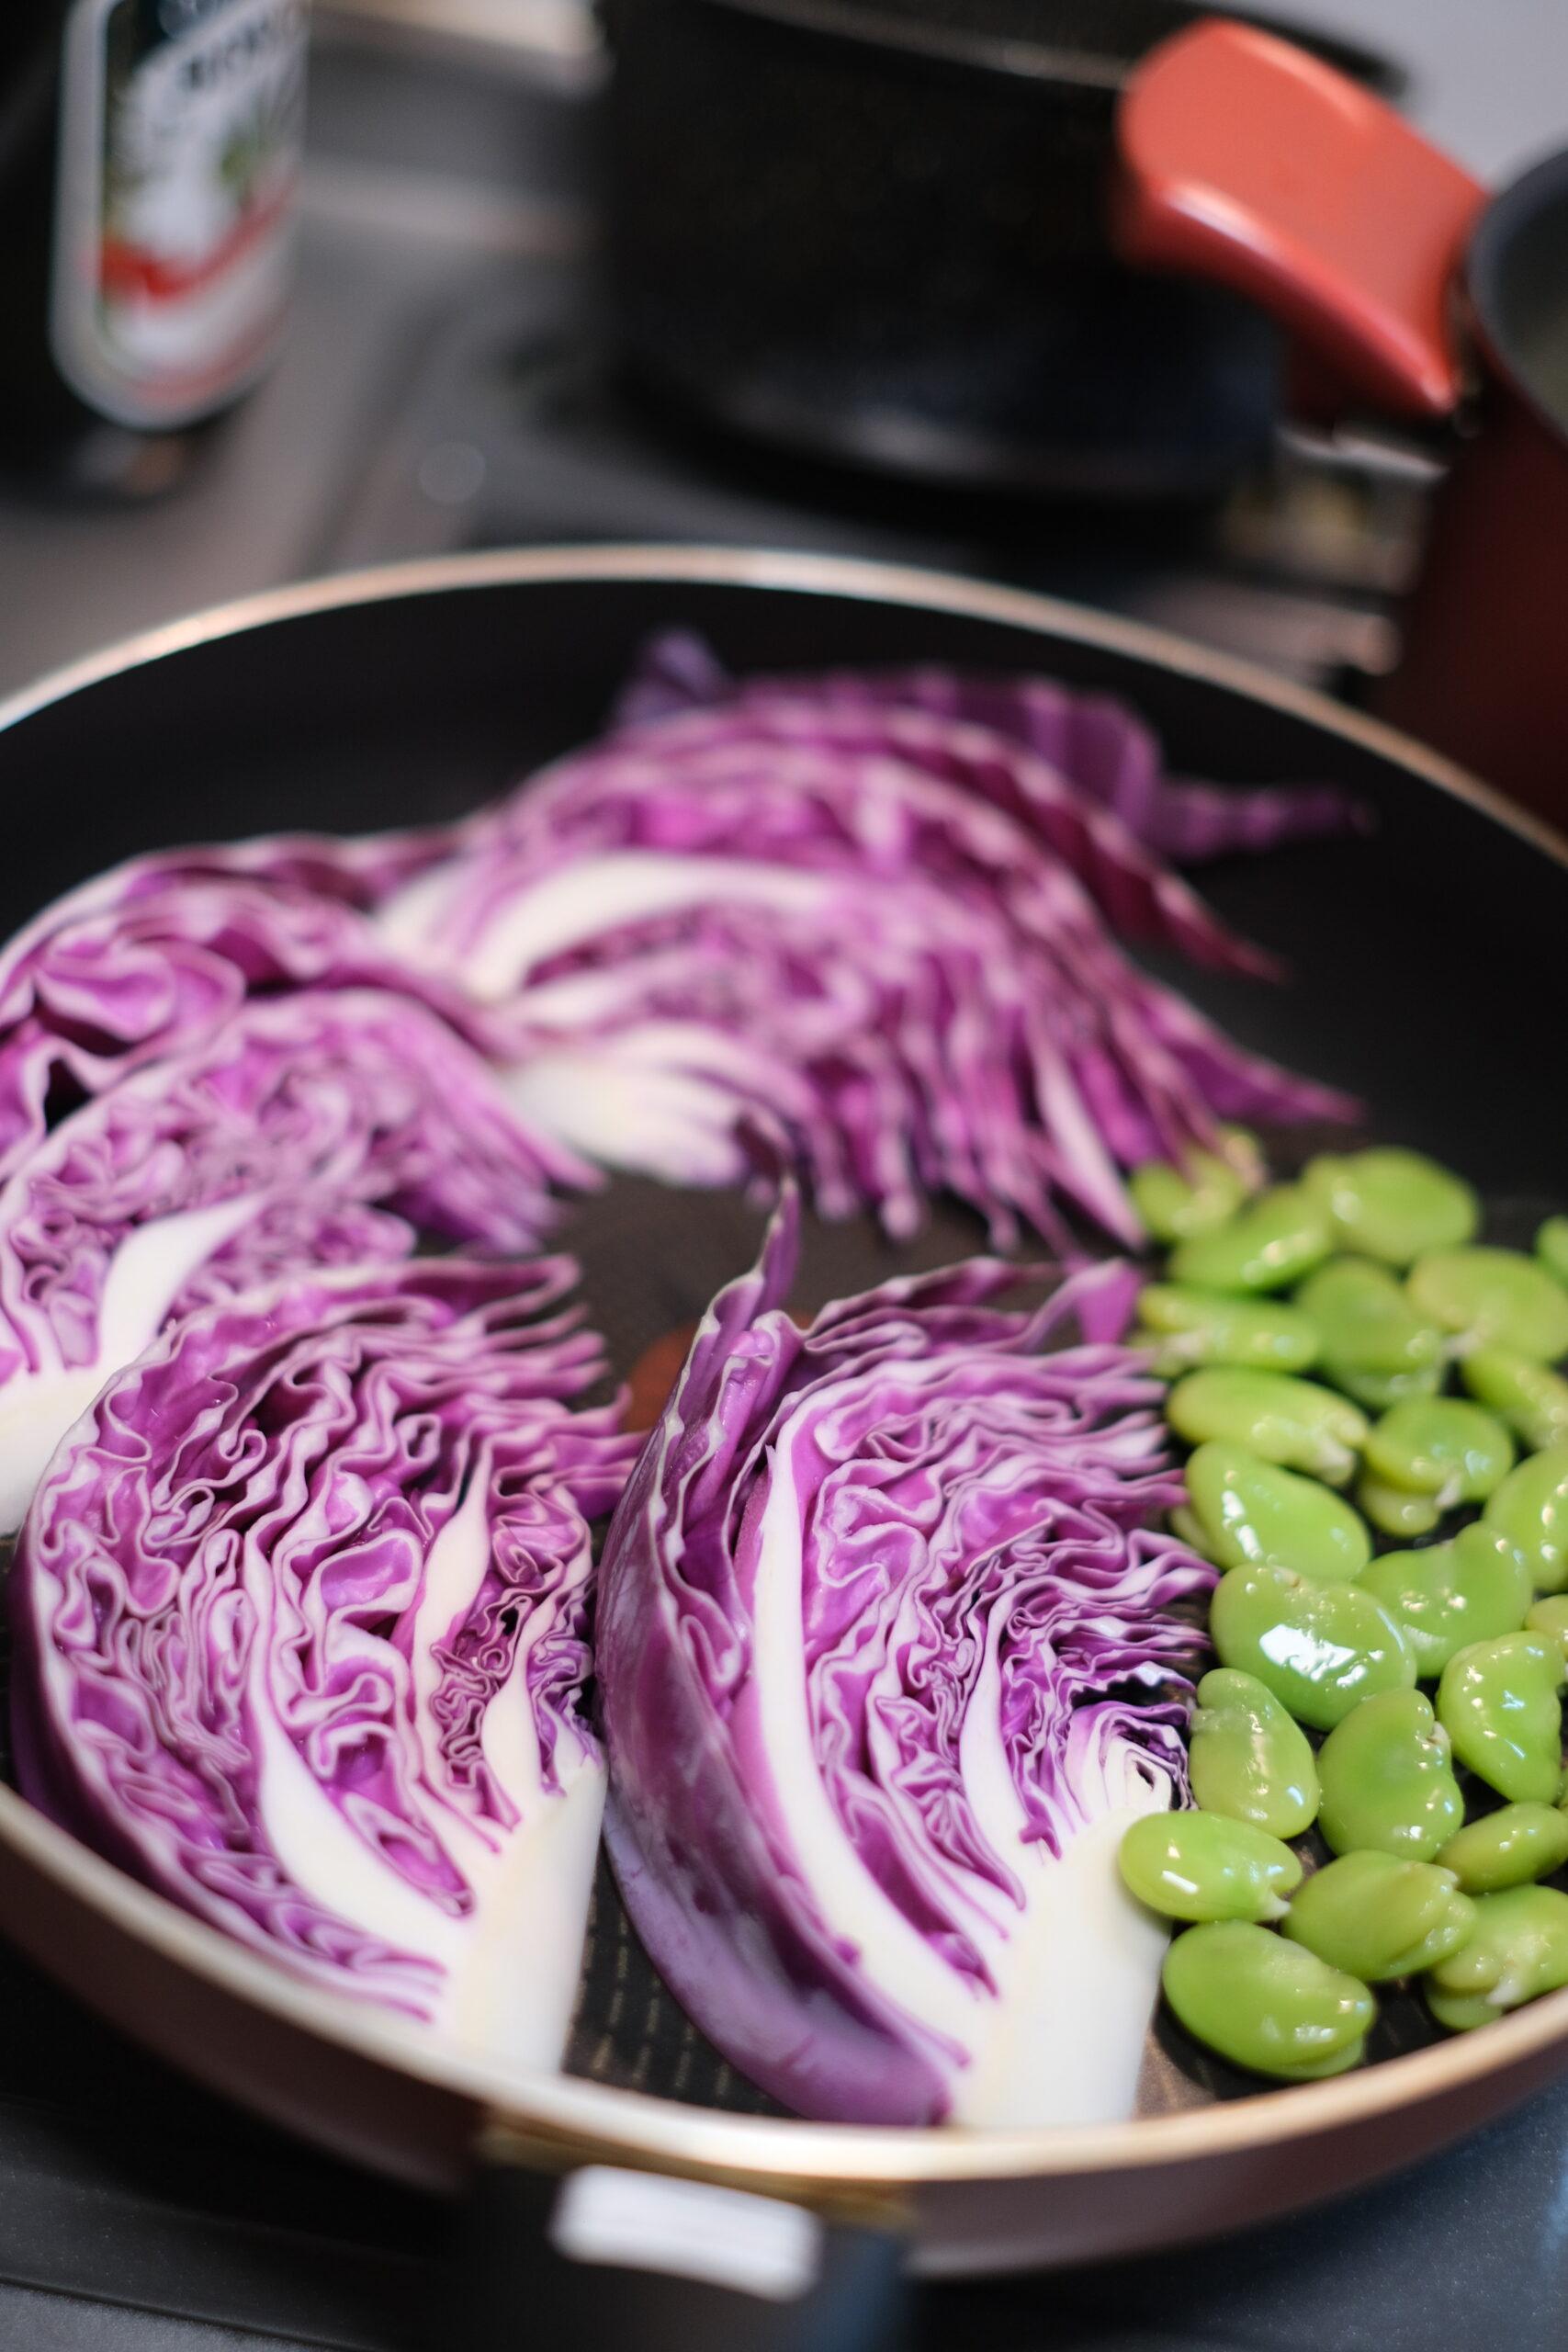 フライパンに紫キャベツとそら豆をおいた状態の画像です